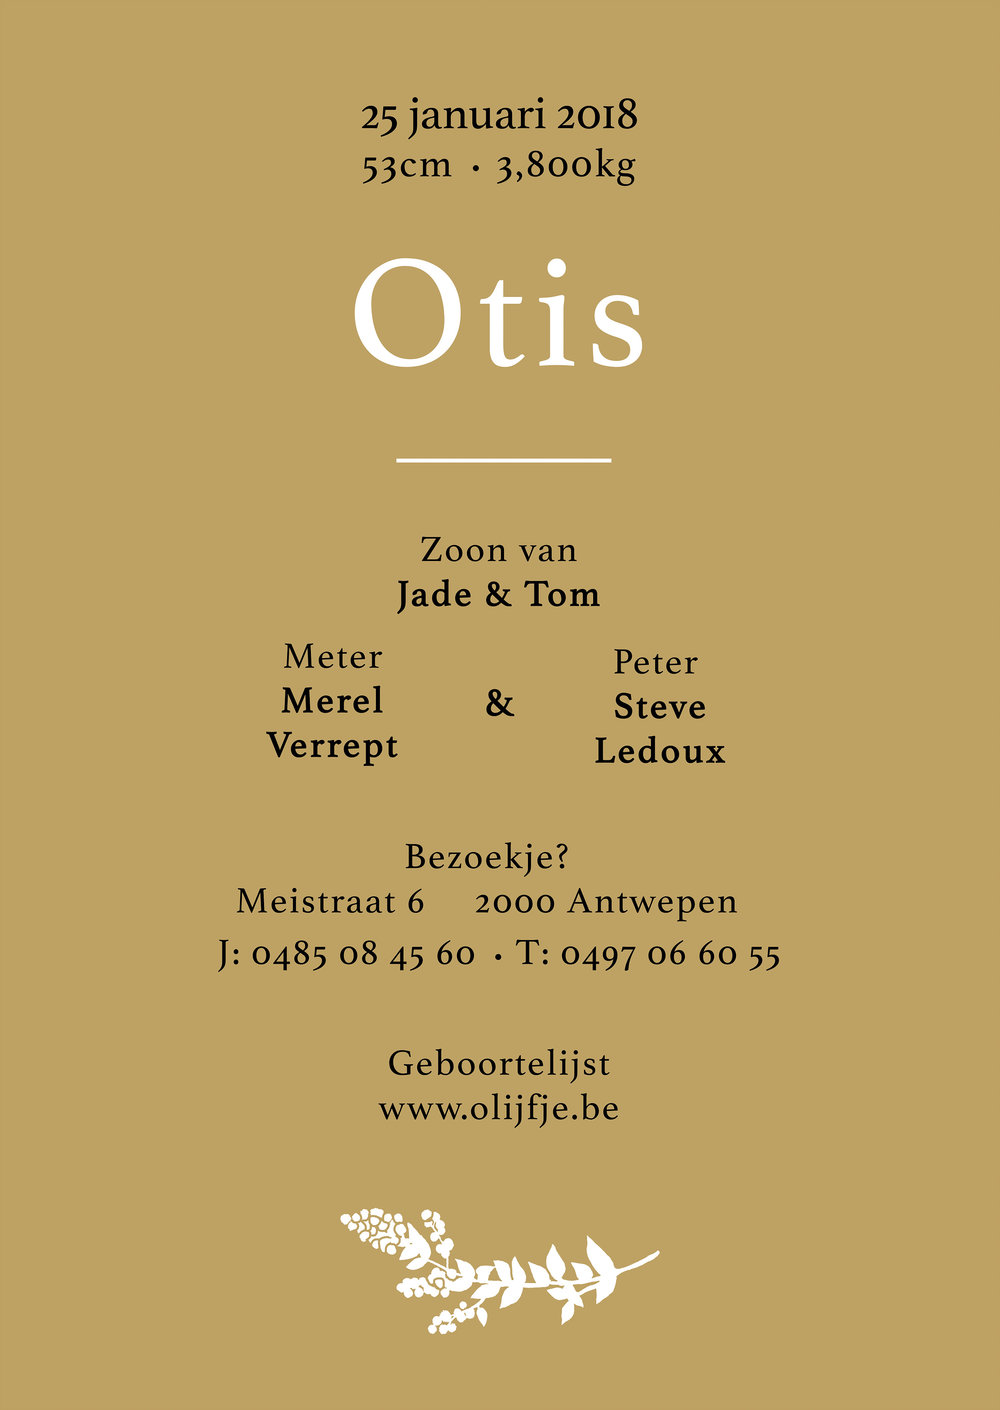 Otis achter.jpg